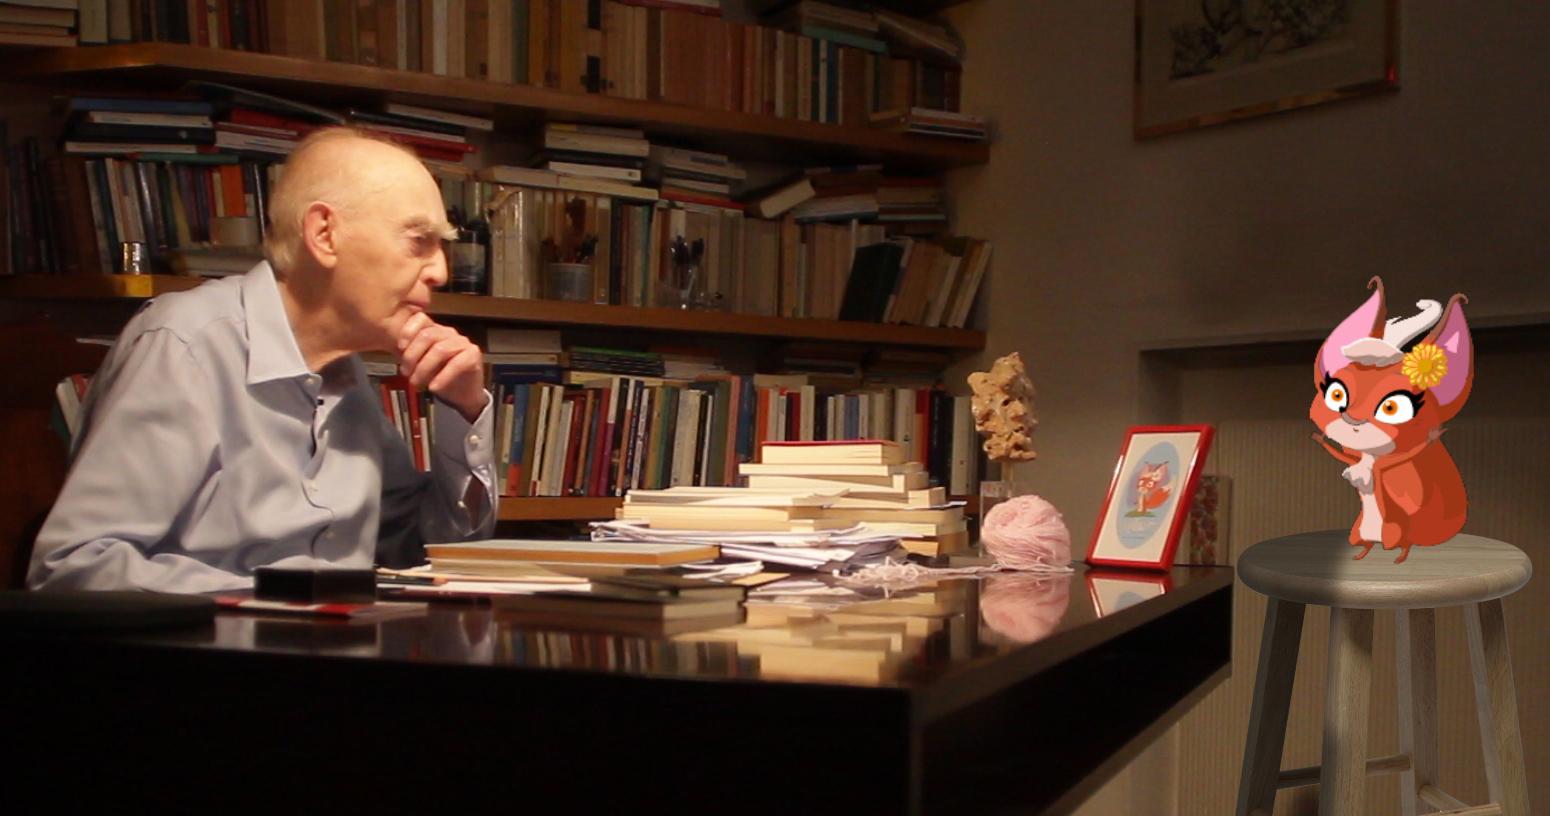 Unemozione chiamata libro: in scena la volpe sophia che filosofa